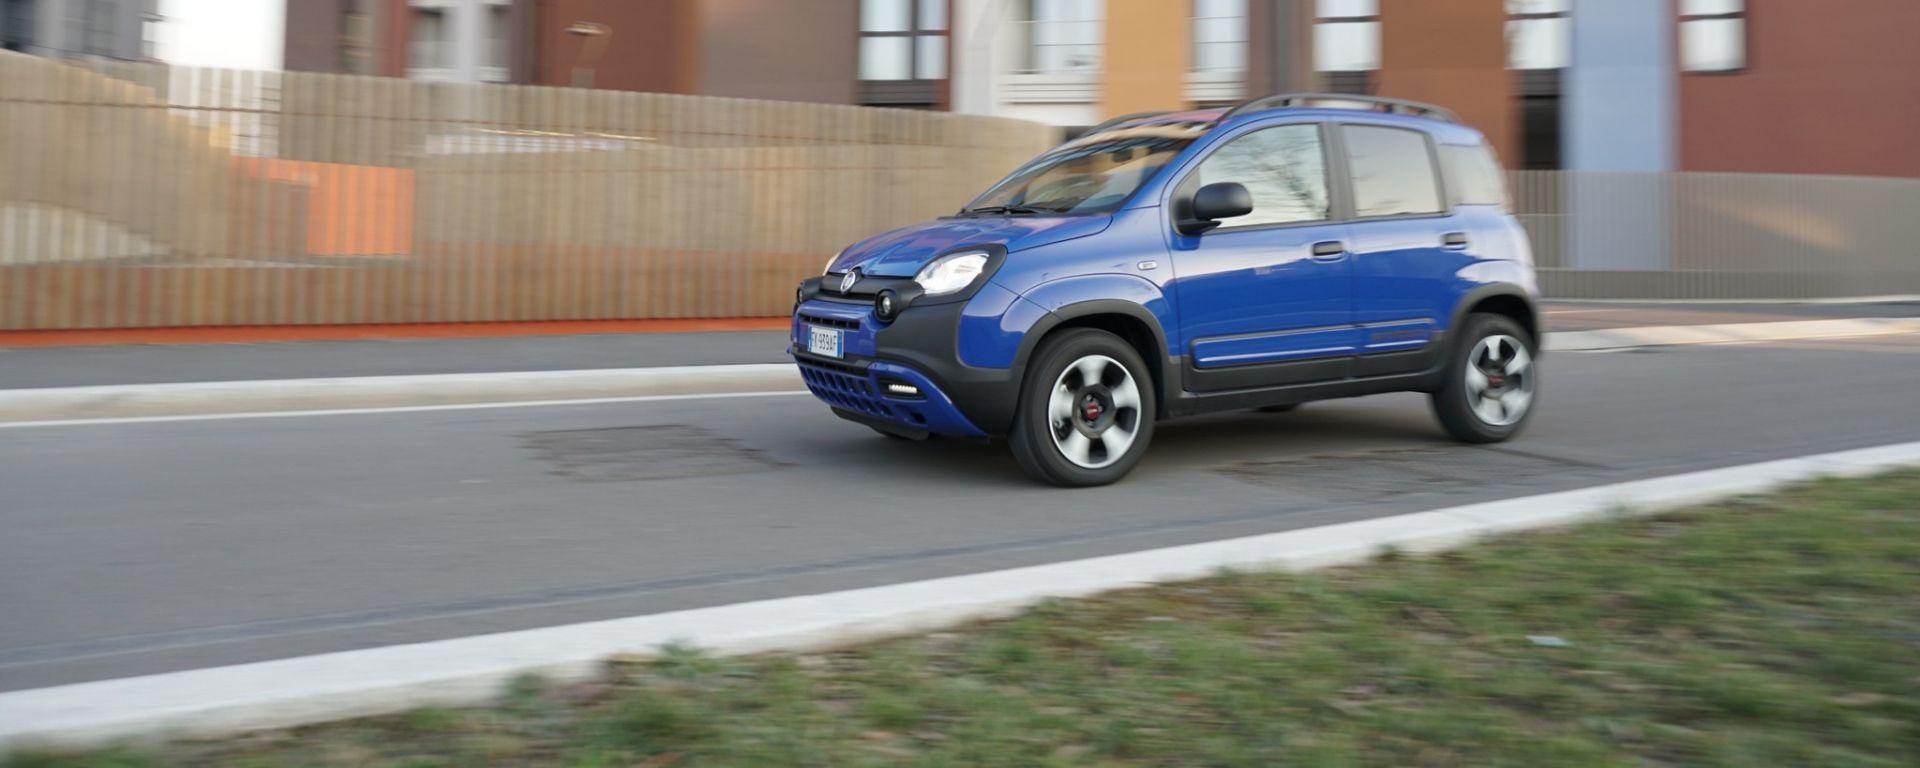 Nuova Fiat Panda City Cross 1 2 Benzina 69 Cv La Prova Su